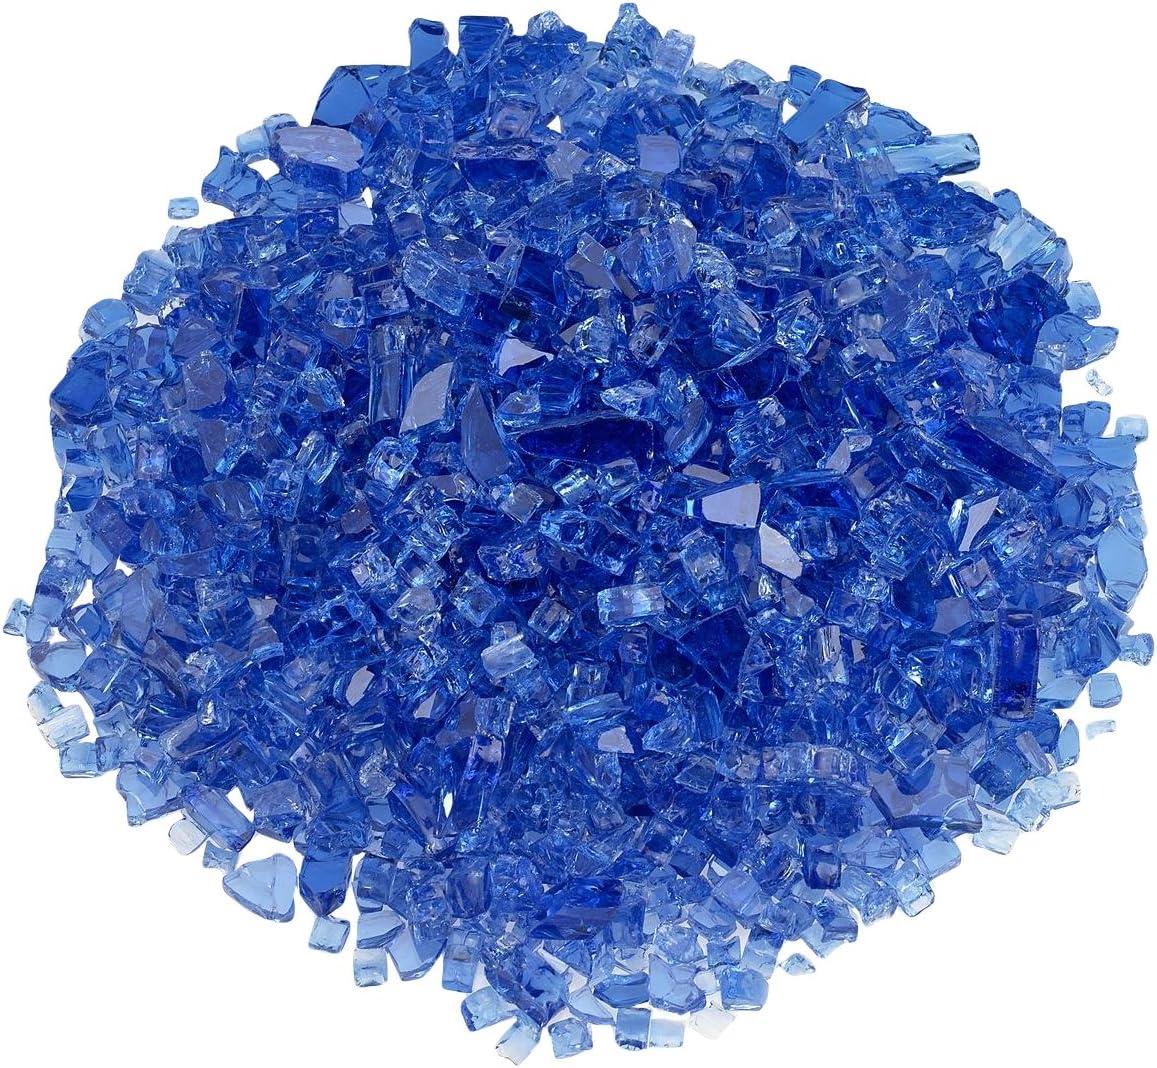 American Fireglass 1 4 Cobalt Blue Fire Glass, 20 lb. Bag